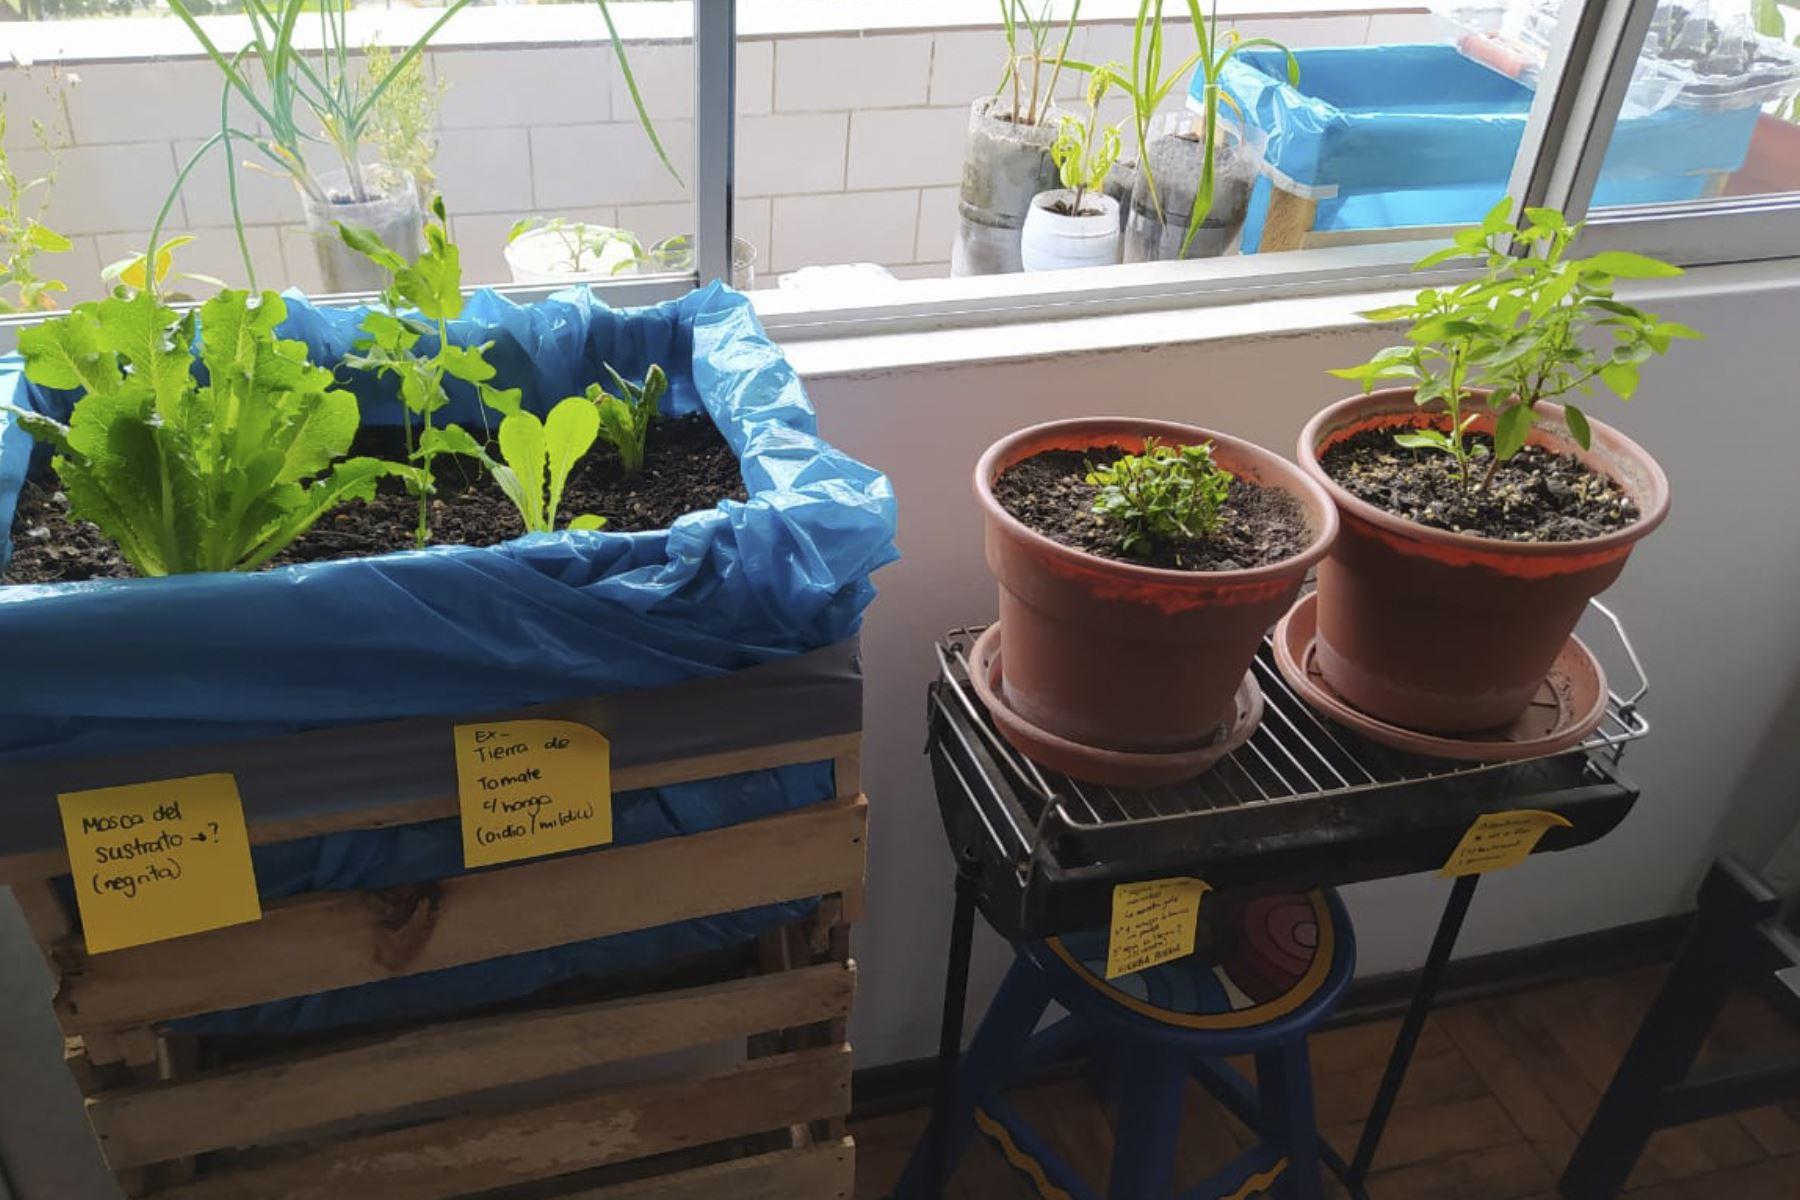 El programa virtual Espacios Verdes en Casa ofrece técnicas para cultivar y manejar diferentes tipos de plantas, métodos naturales para el control de plagas, arboricultura y apicultura urbana. ANDINA/Municipalidad de Lima